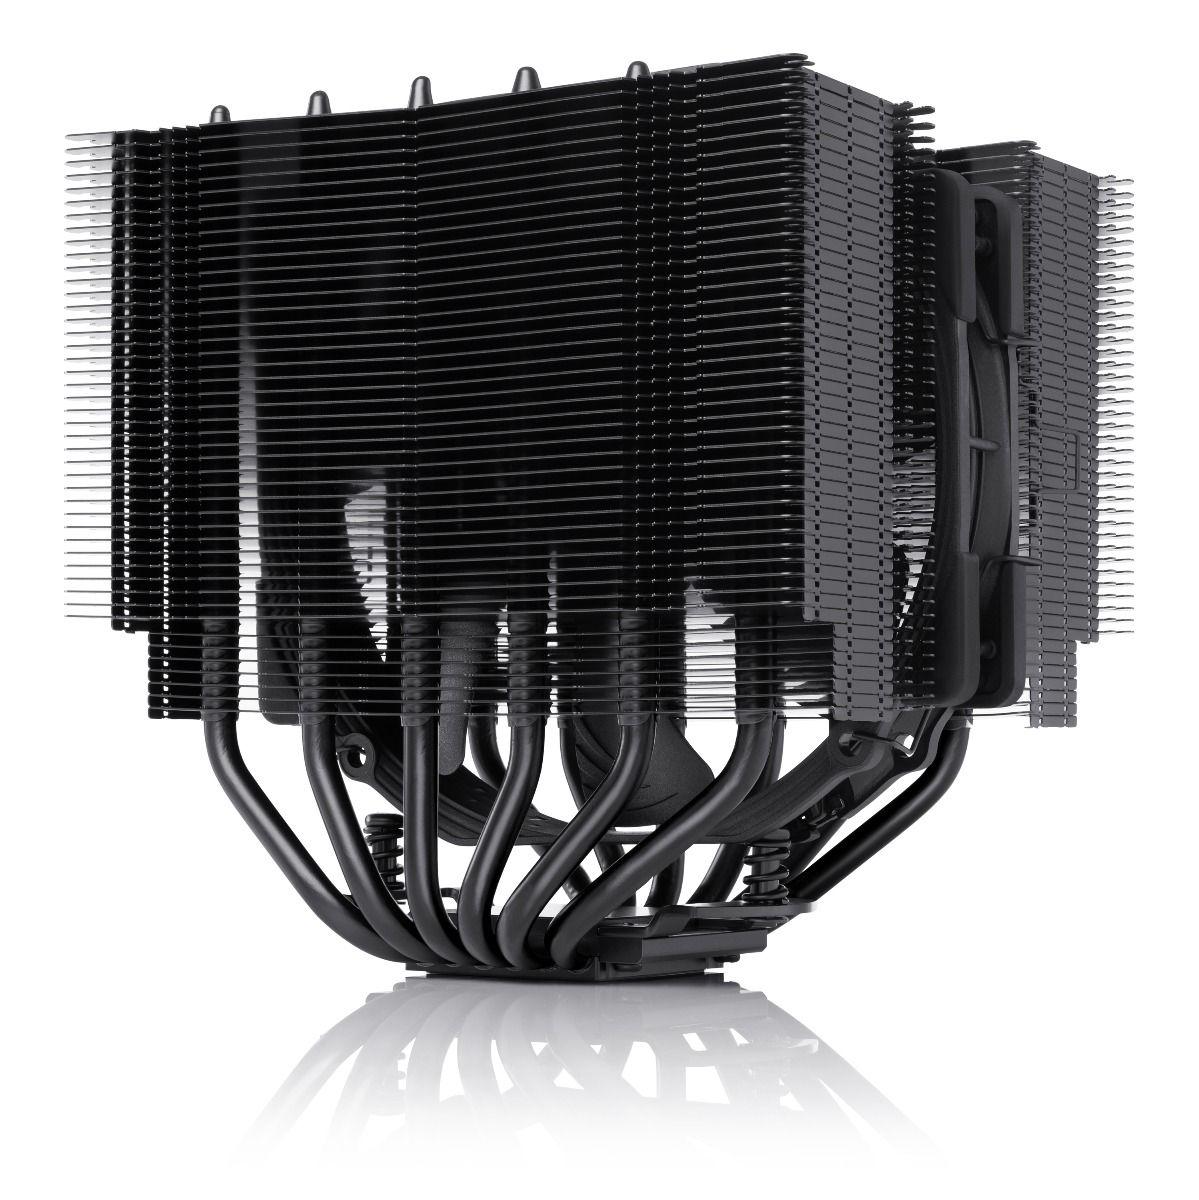 Noctua NH-D15S chromax.black Processor Cooler 14 cm 1 pc(s)